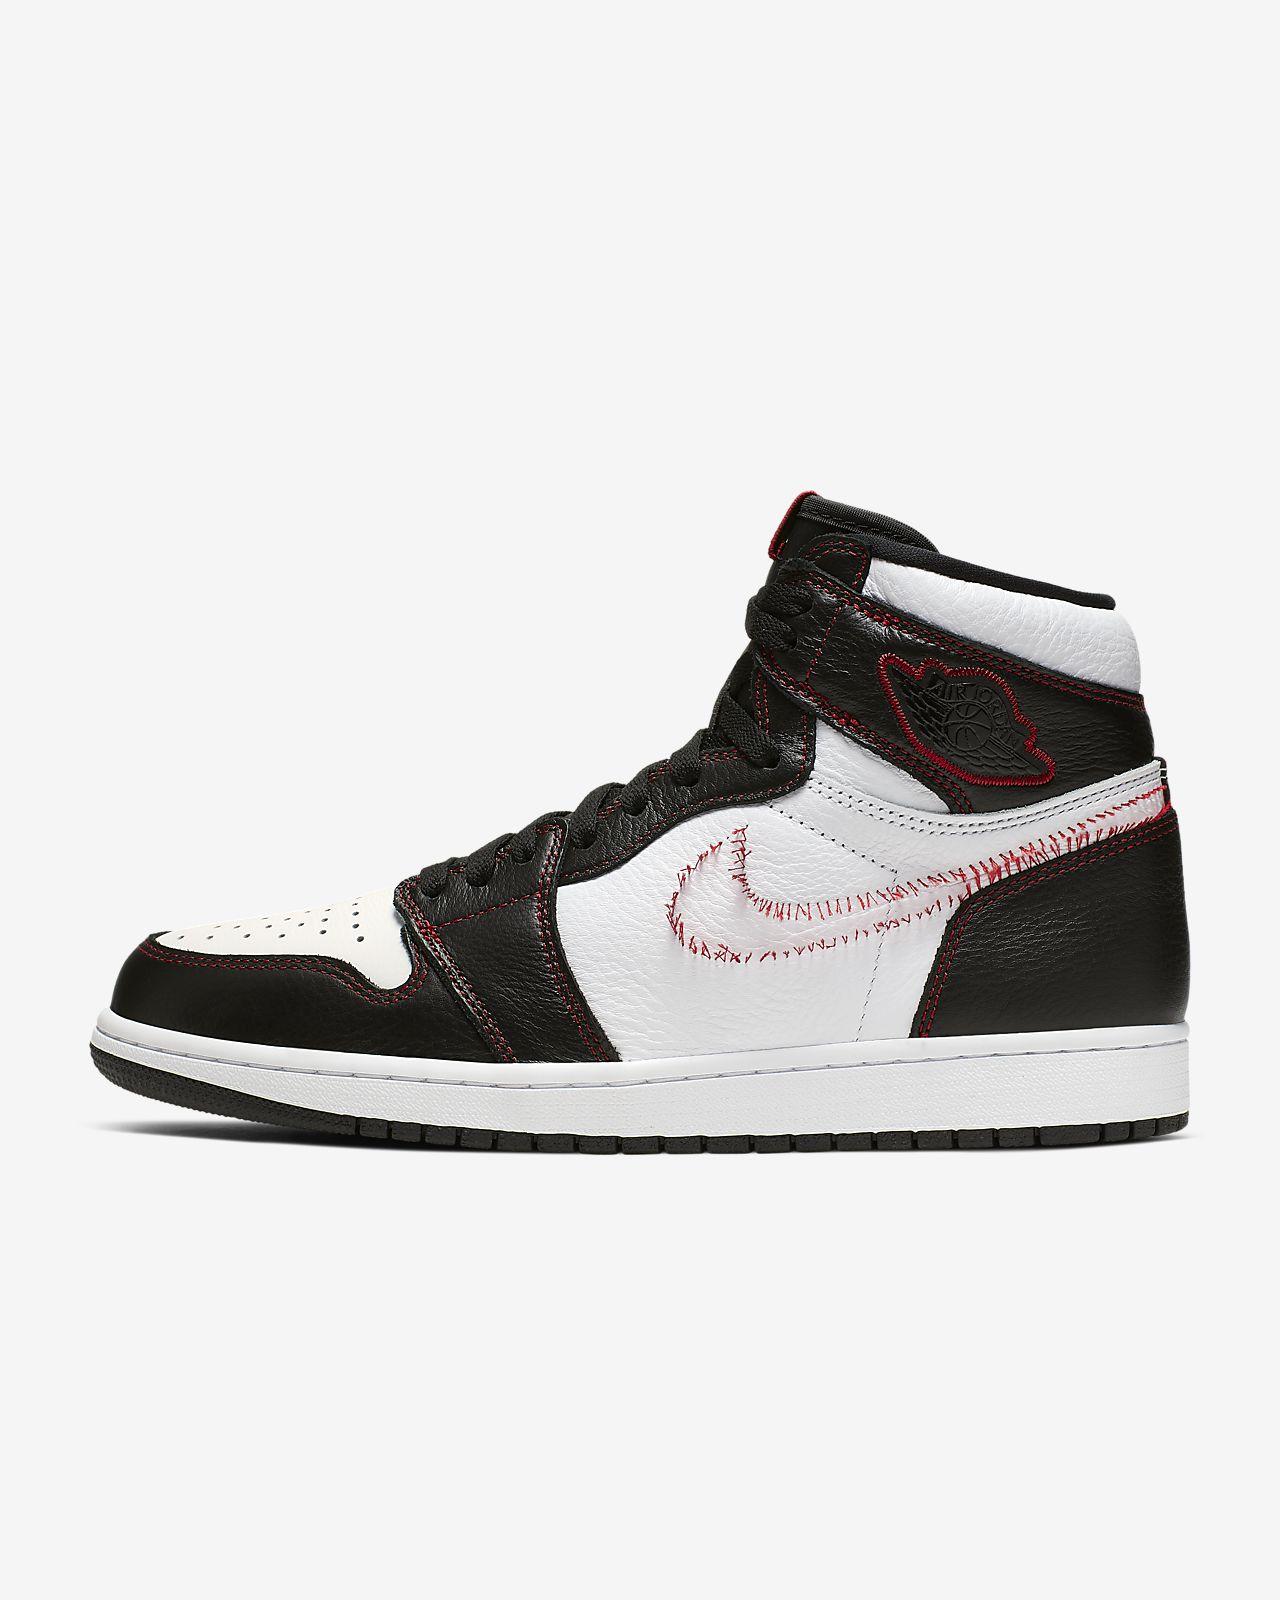 รองเท้าผู้ชาย Air Jordan 1 High OG Defiant